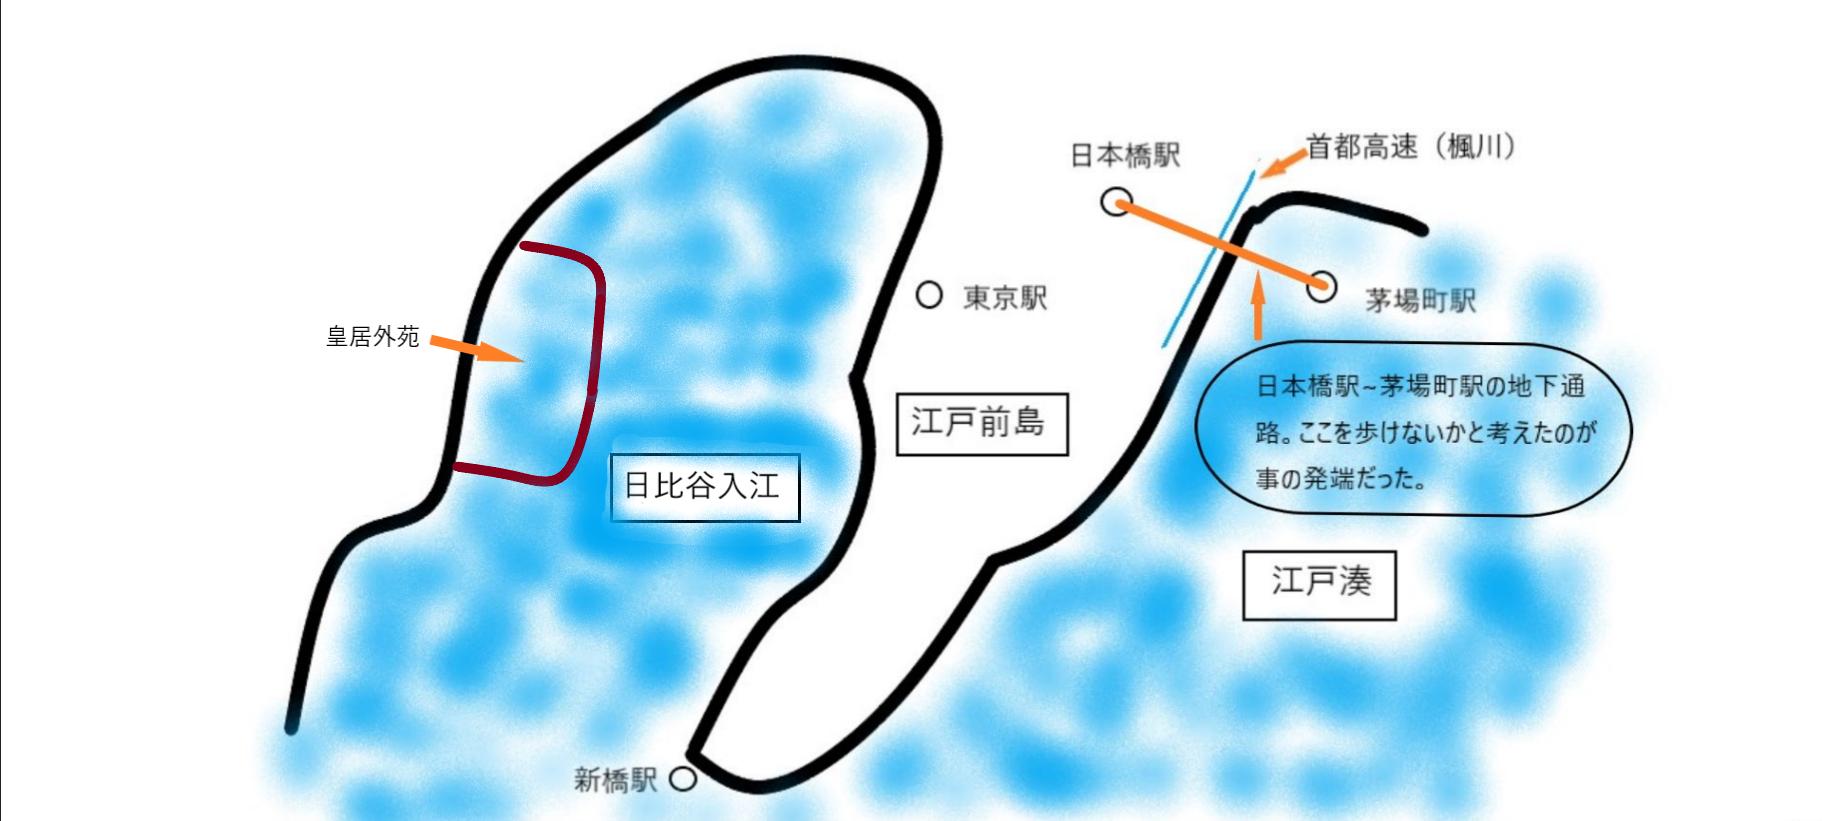 日比谷入江 イメージ図